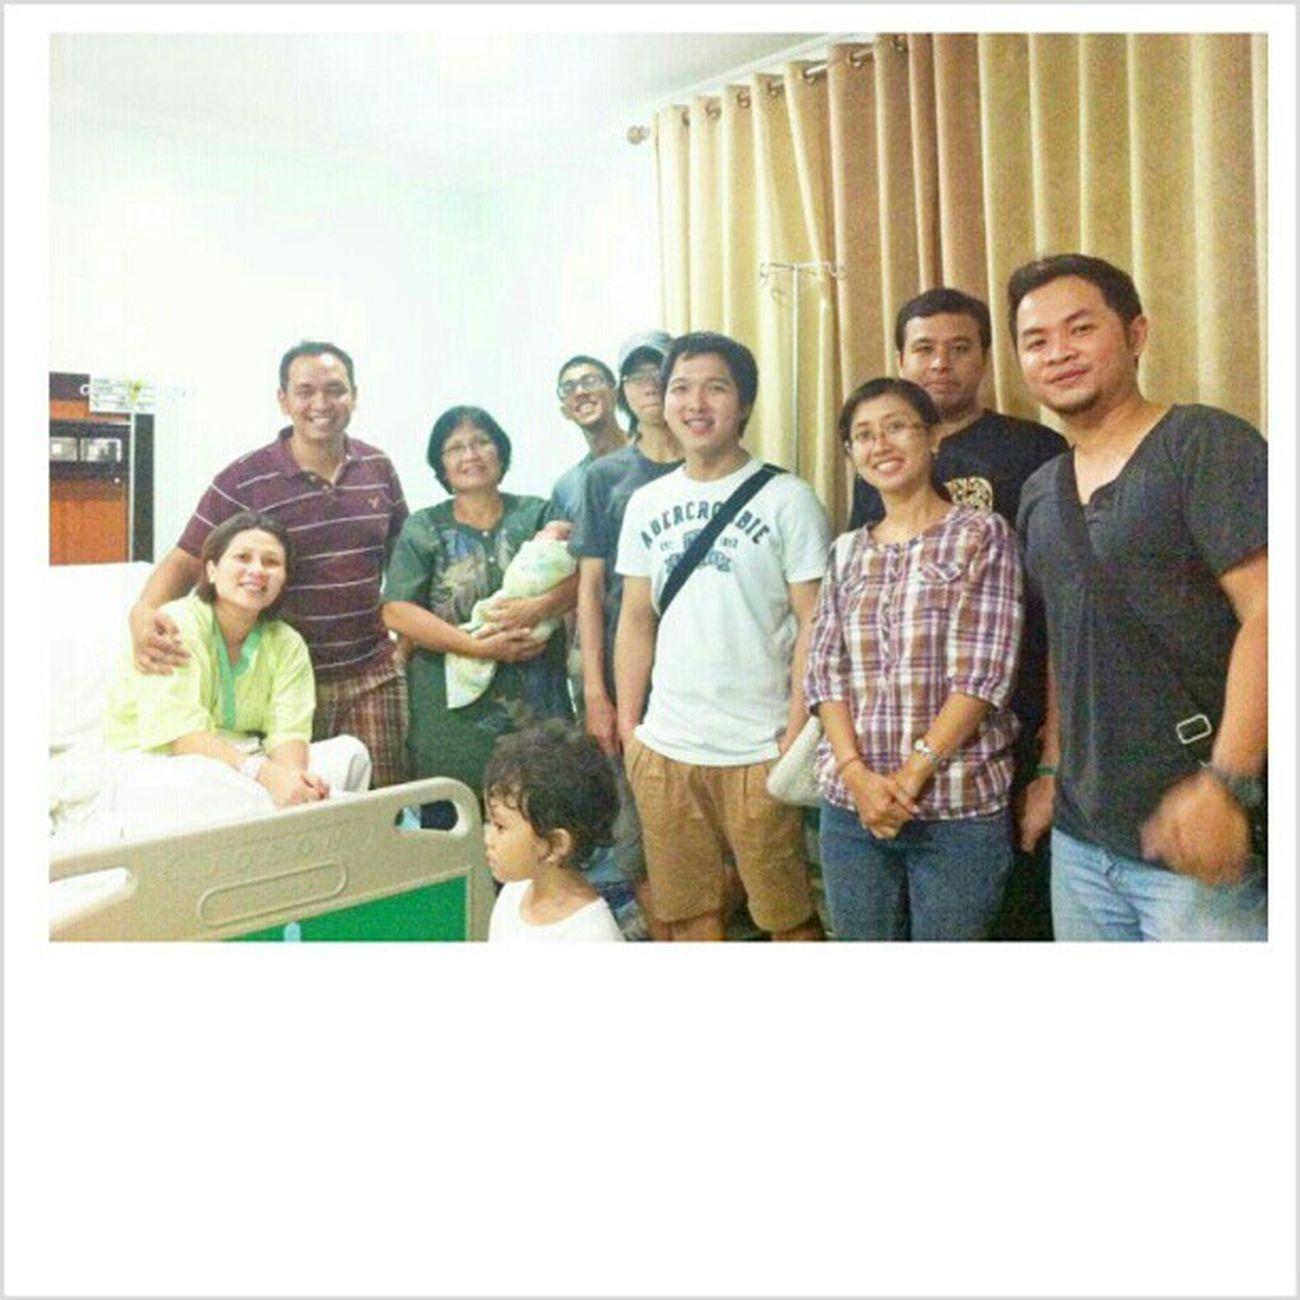 Lifehousebali and Mitrais friends visiting RaRa